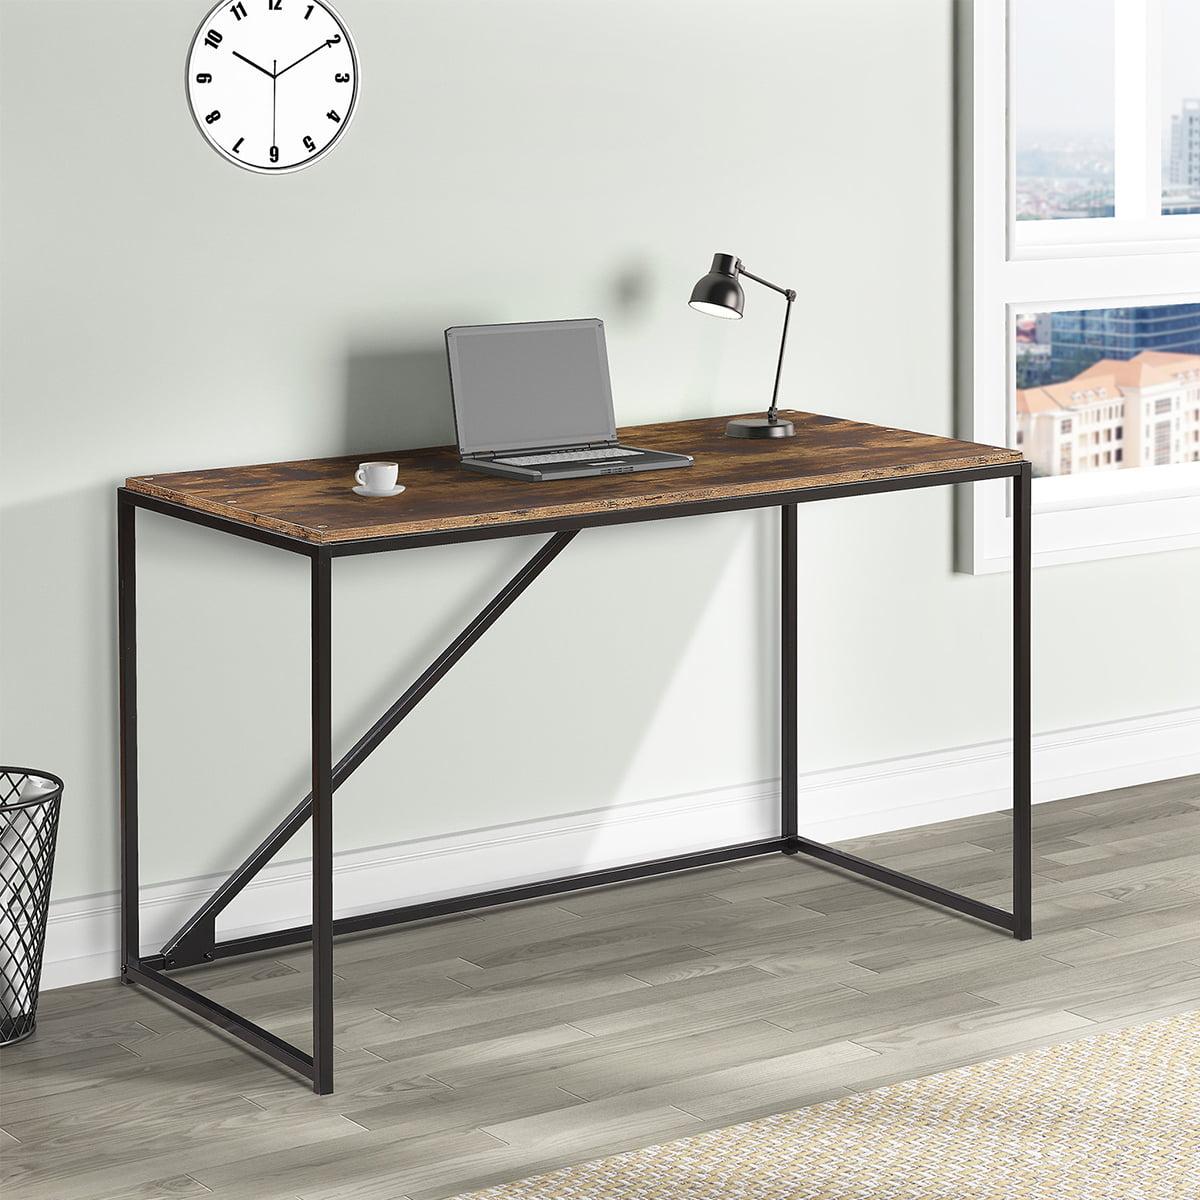 Modern Simple Office Desk Heavy Duty Corner Computer Desk Home Office Computer Table With Wood Desktop Metal Frame Laptop Desk Workstation Student Desk Desk For Home Office Brown W14277 Walmart Com